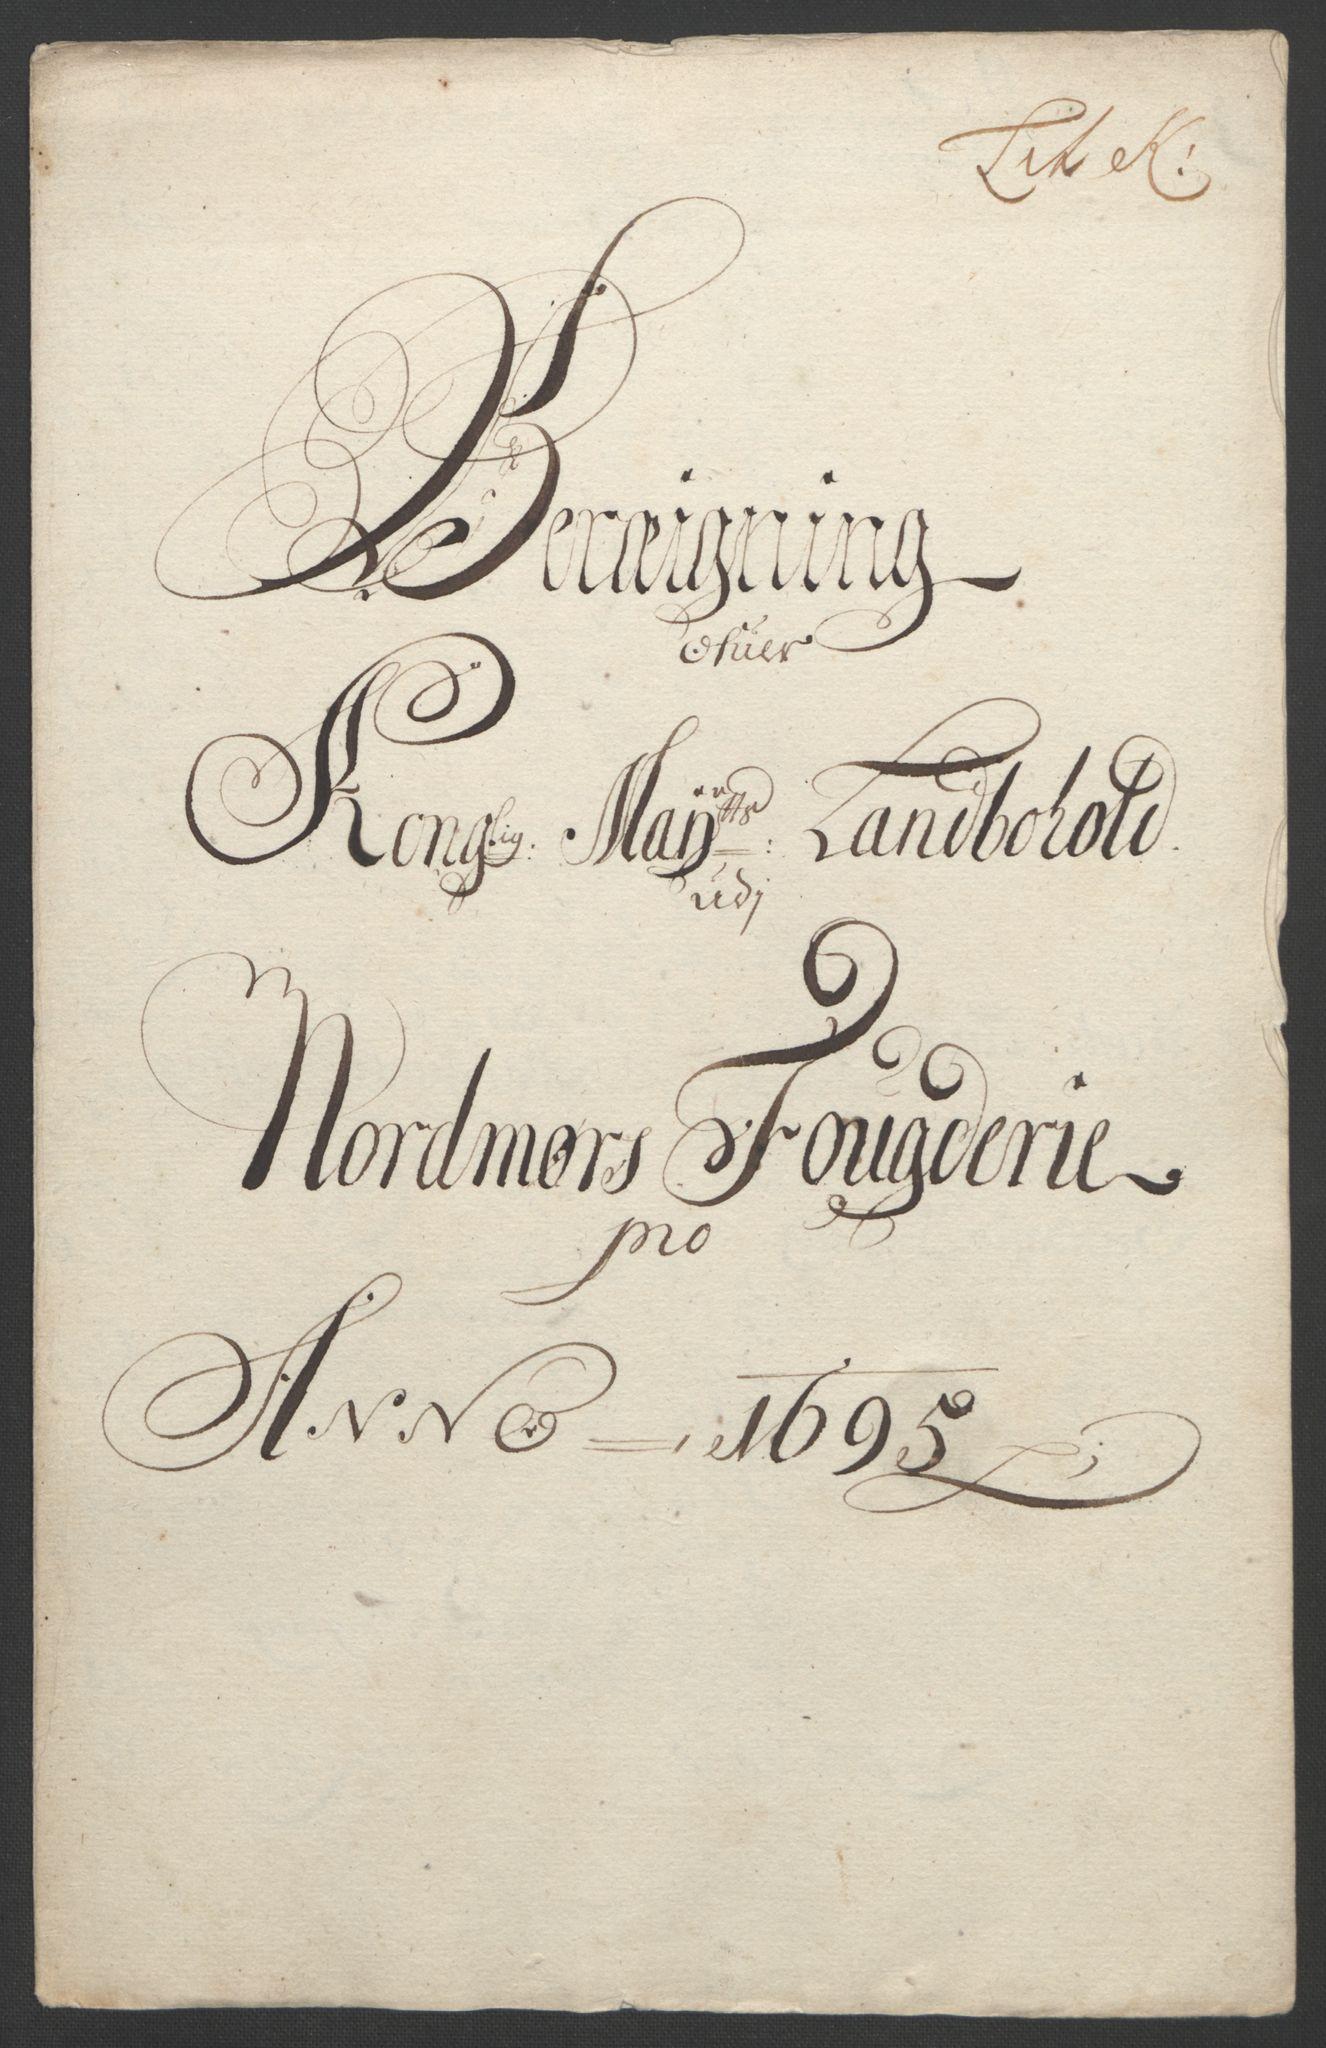 RA, Rentekammeret inntil 1814, Reviderte regnskaper, Fogderegnskap, R56/L3736: Fogderegnskap Nordmøre, 1694-1696, s. 283